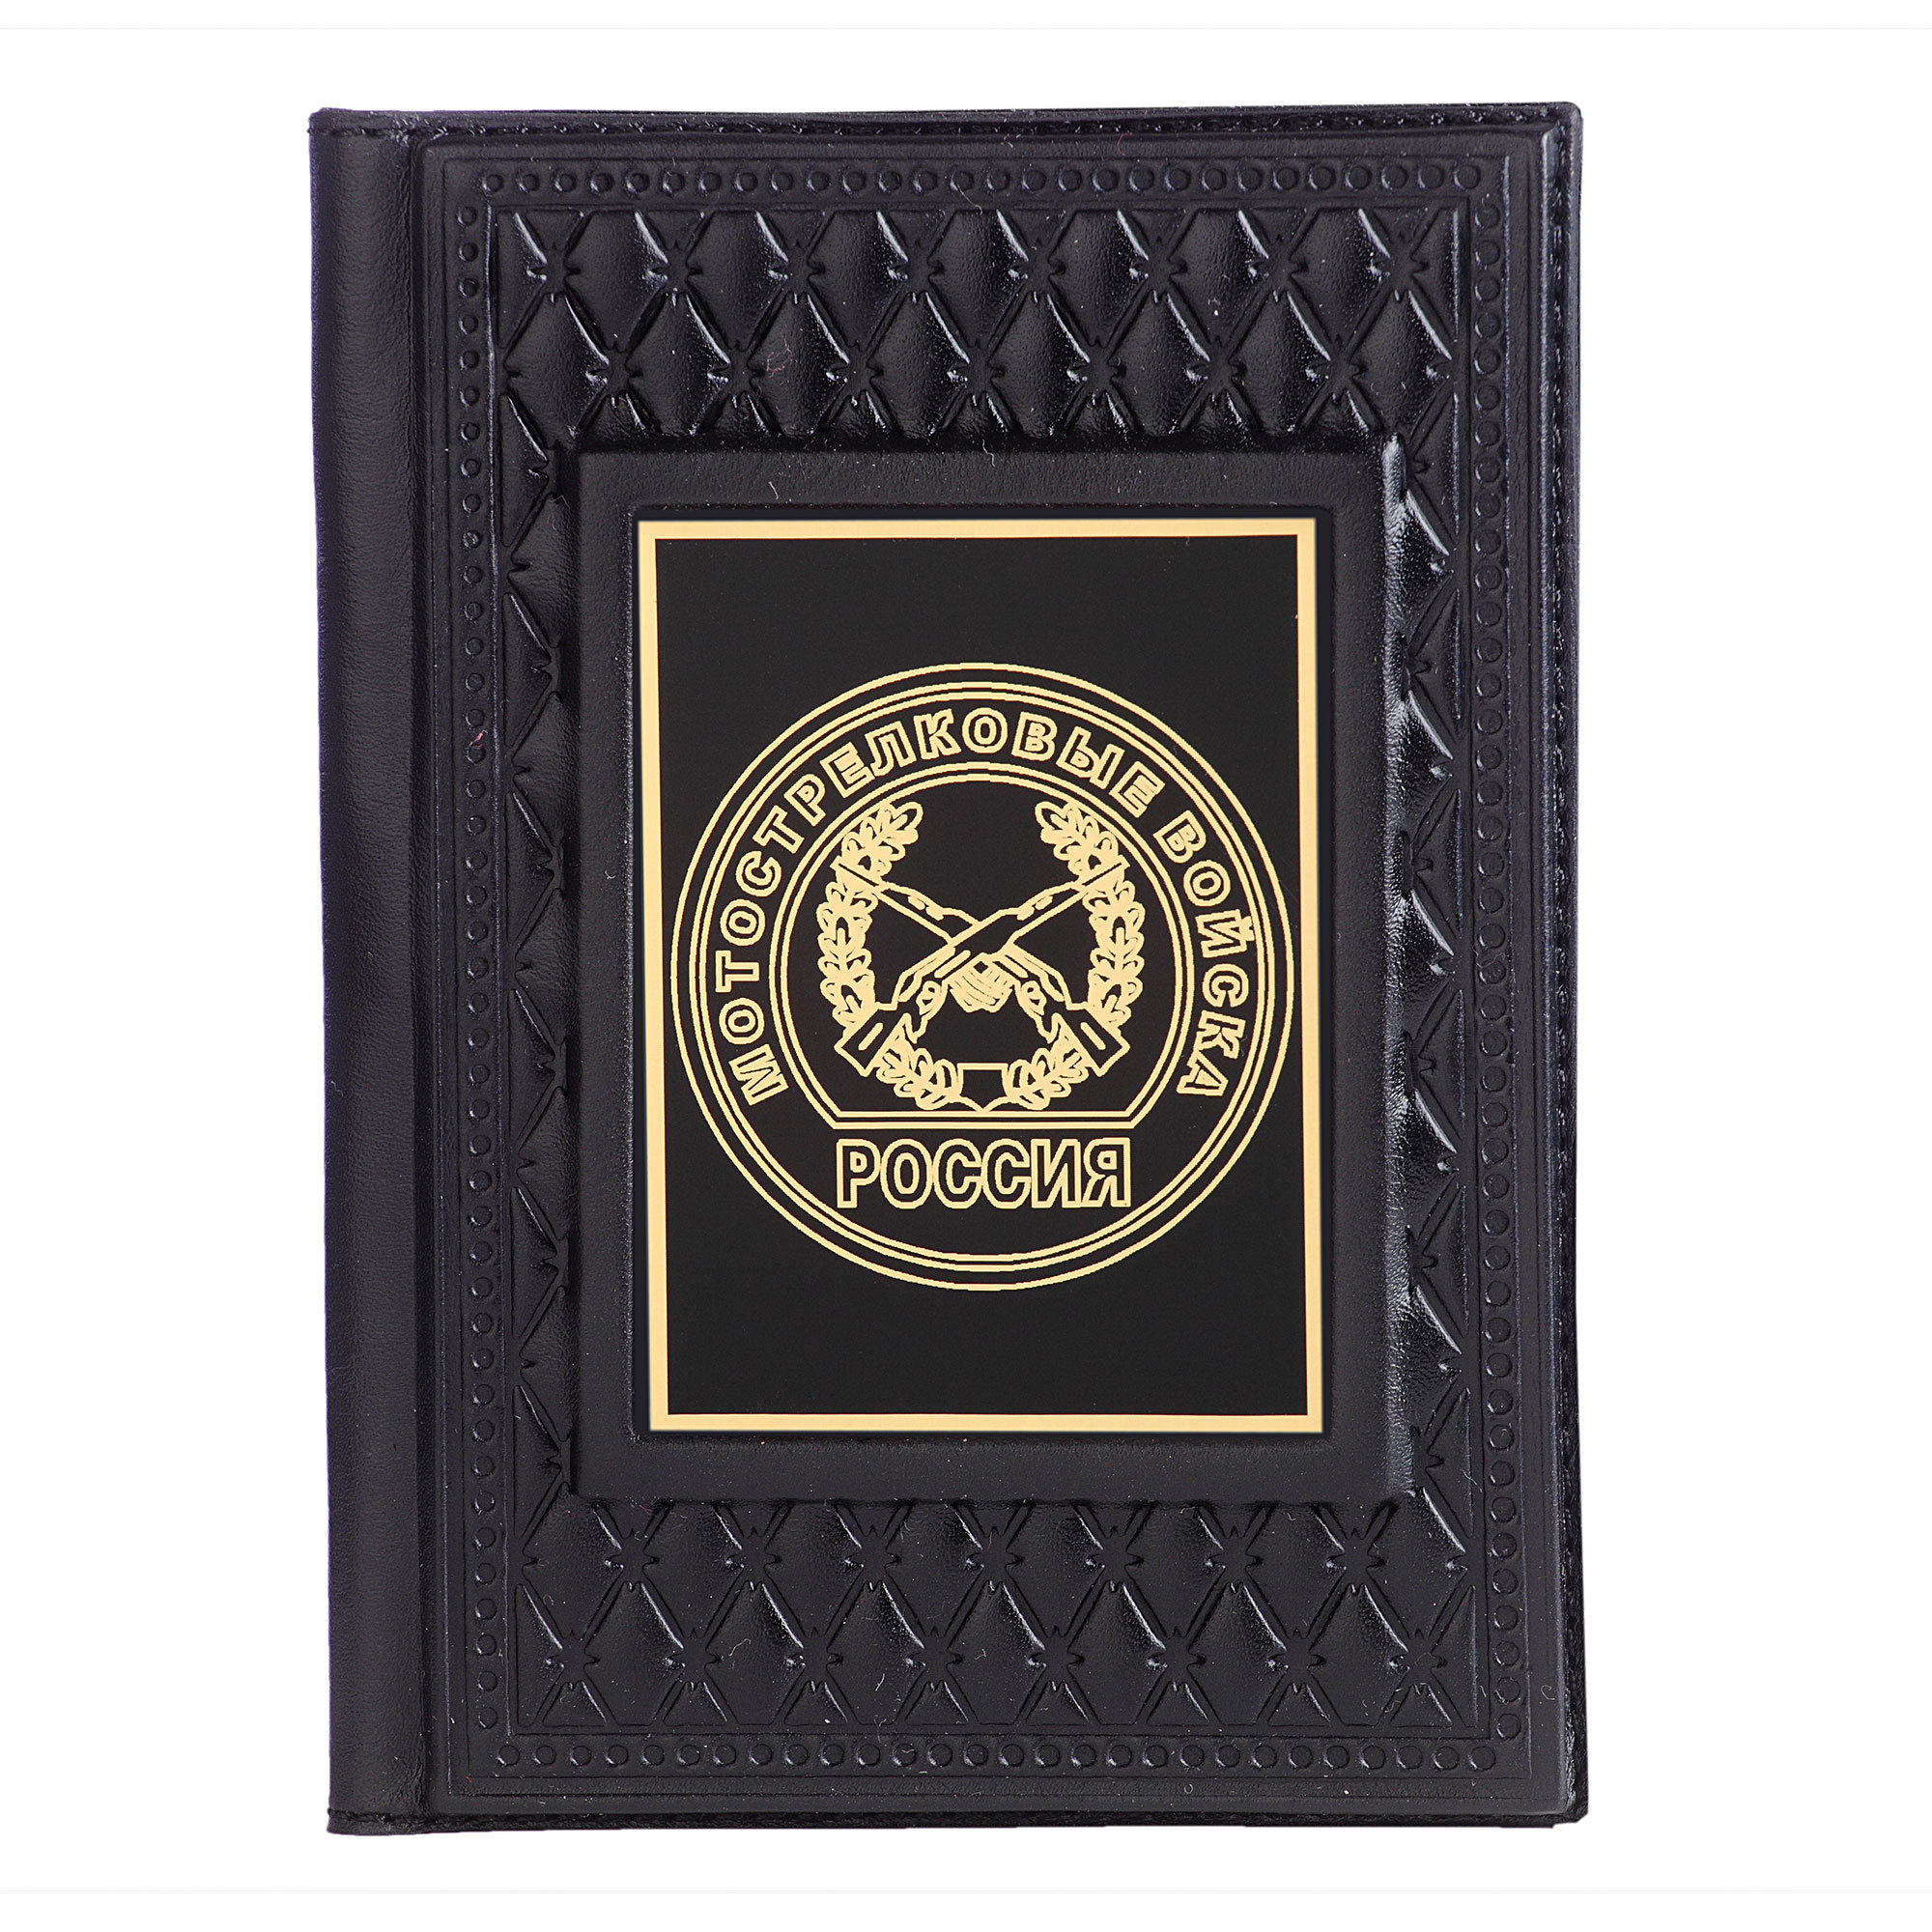 Обложка для паспорта «Мотострелковые войска»